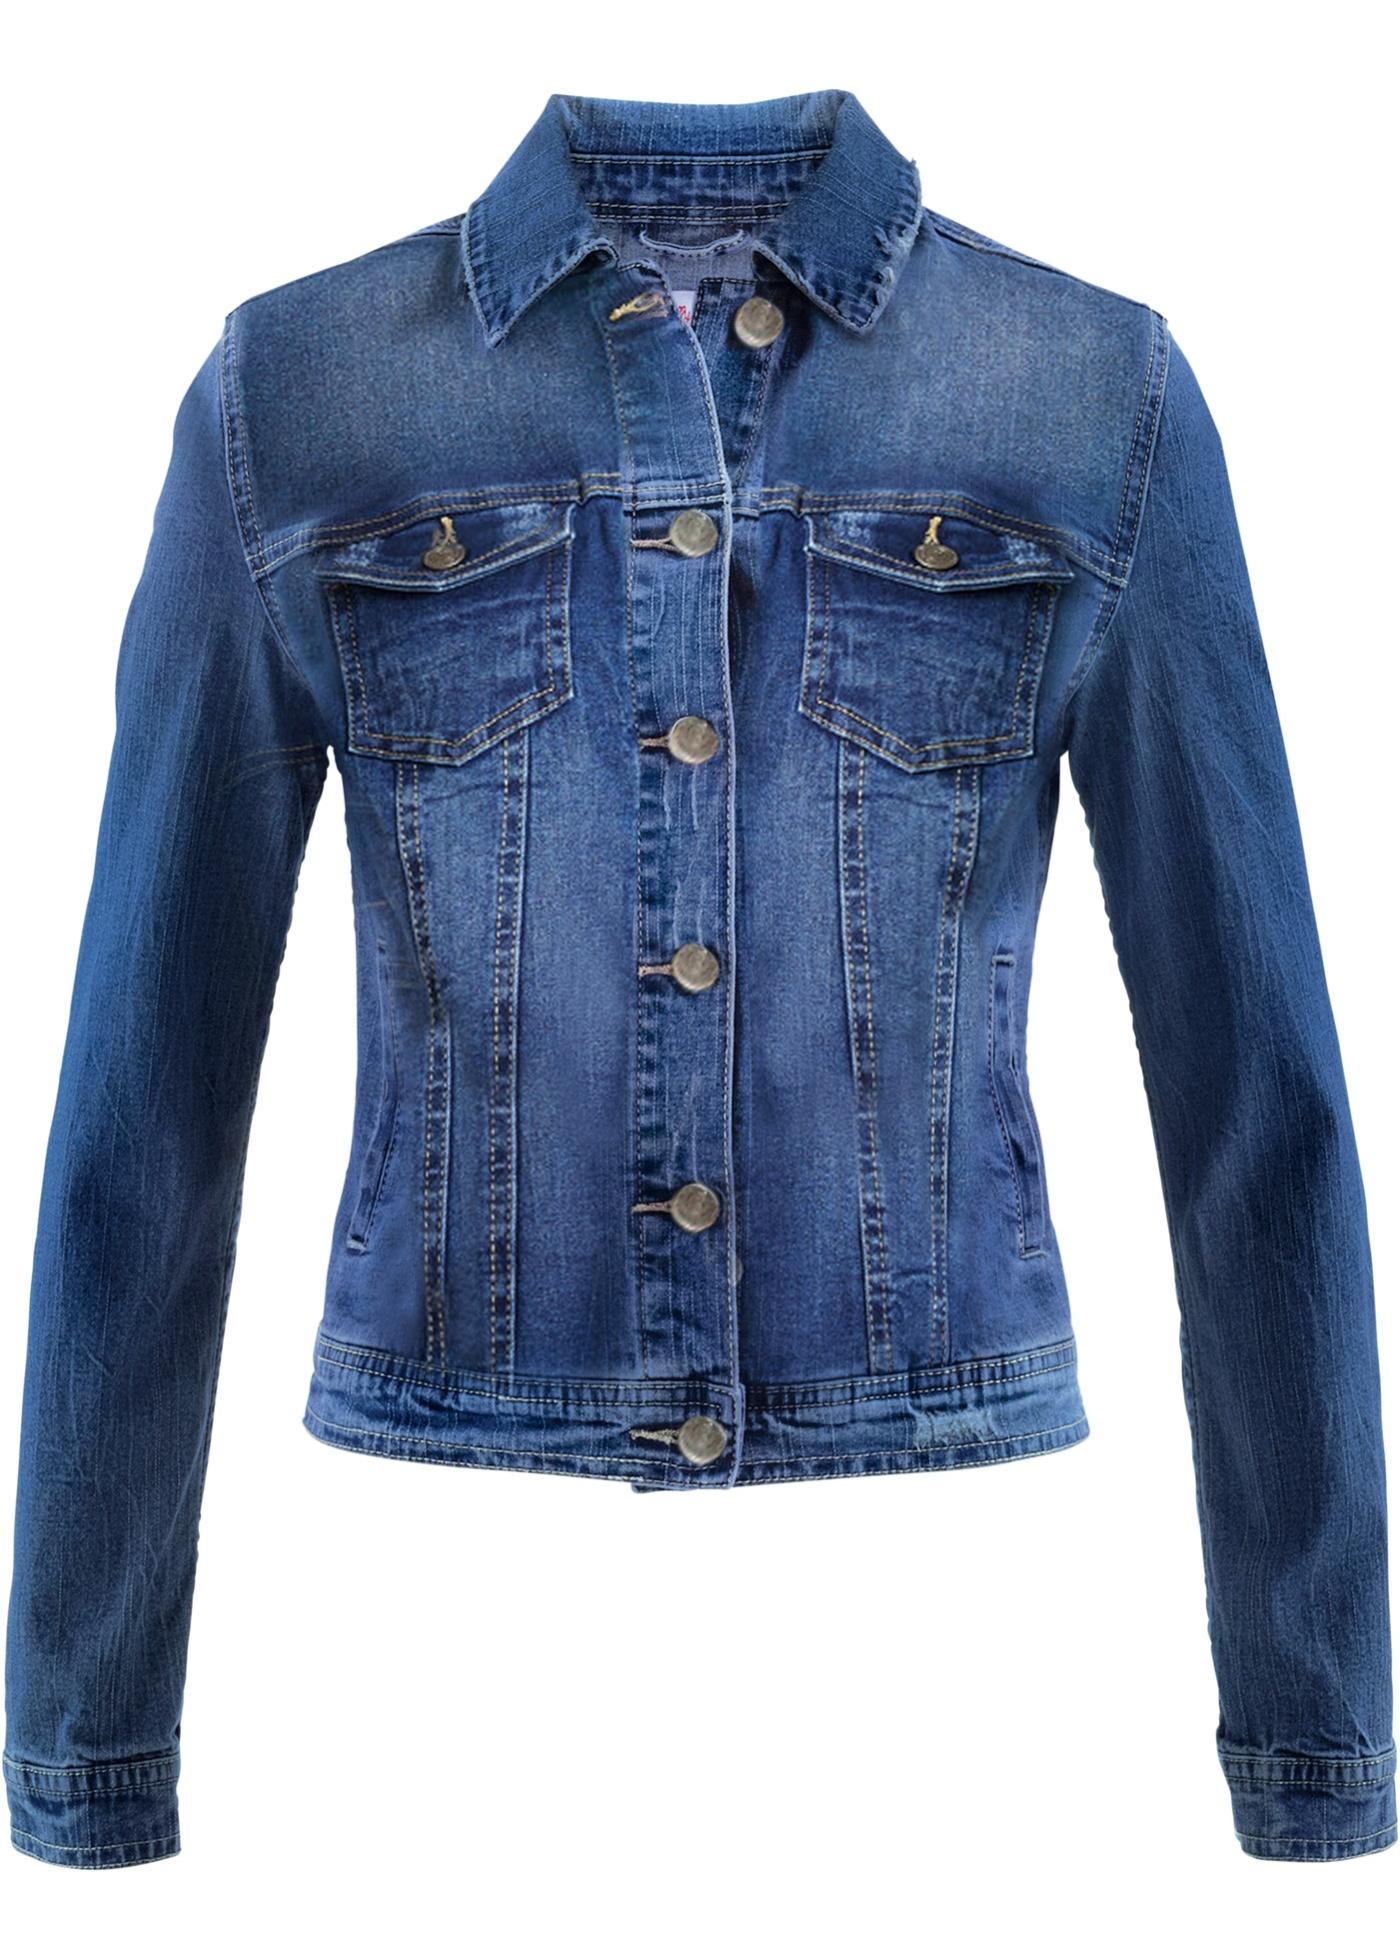 Džínová krátká bunda - designed by Maite Kelly - Modrá